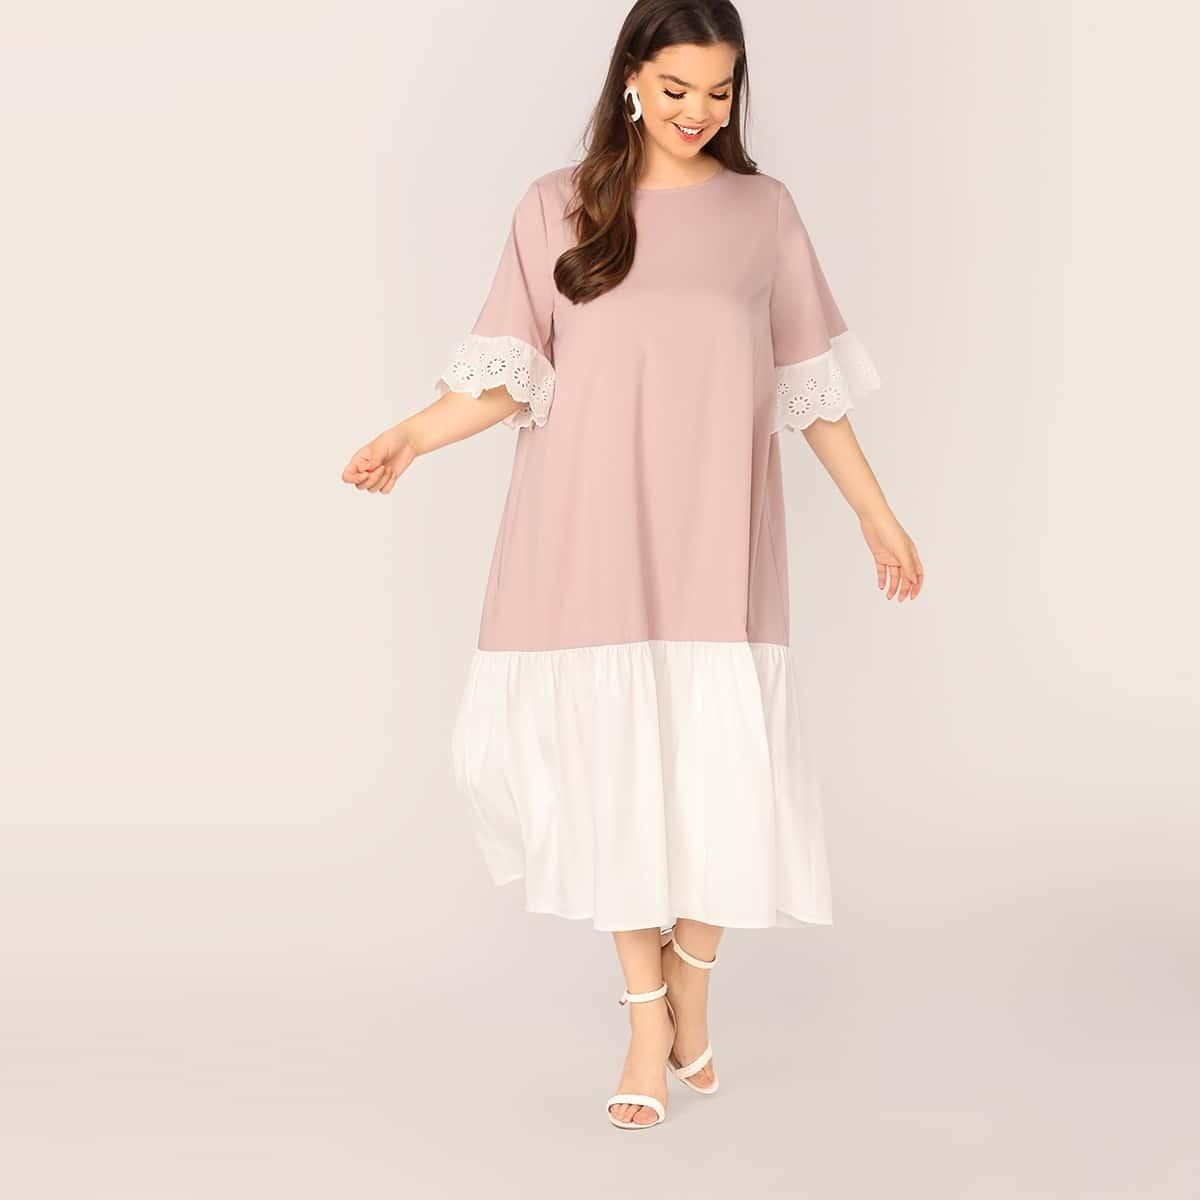 Двухцветное платье размера плюс